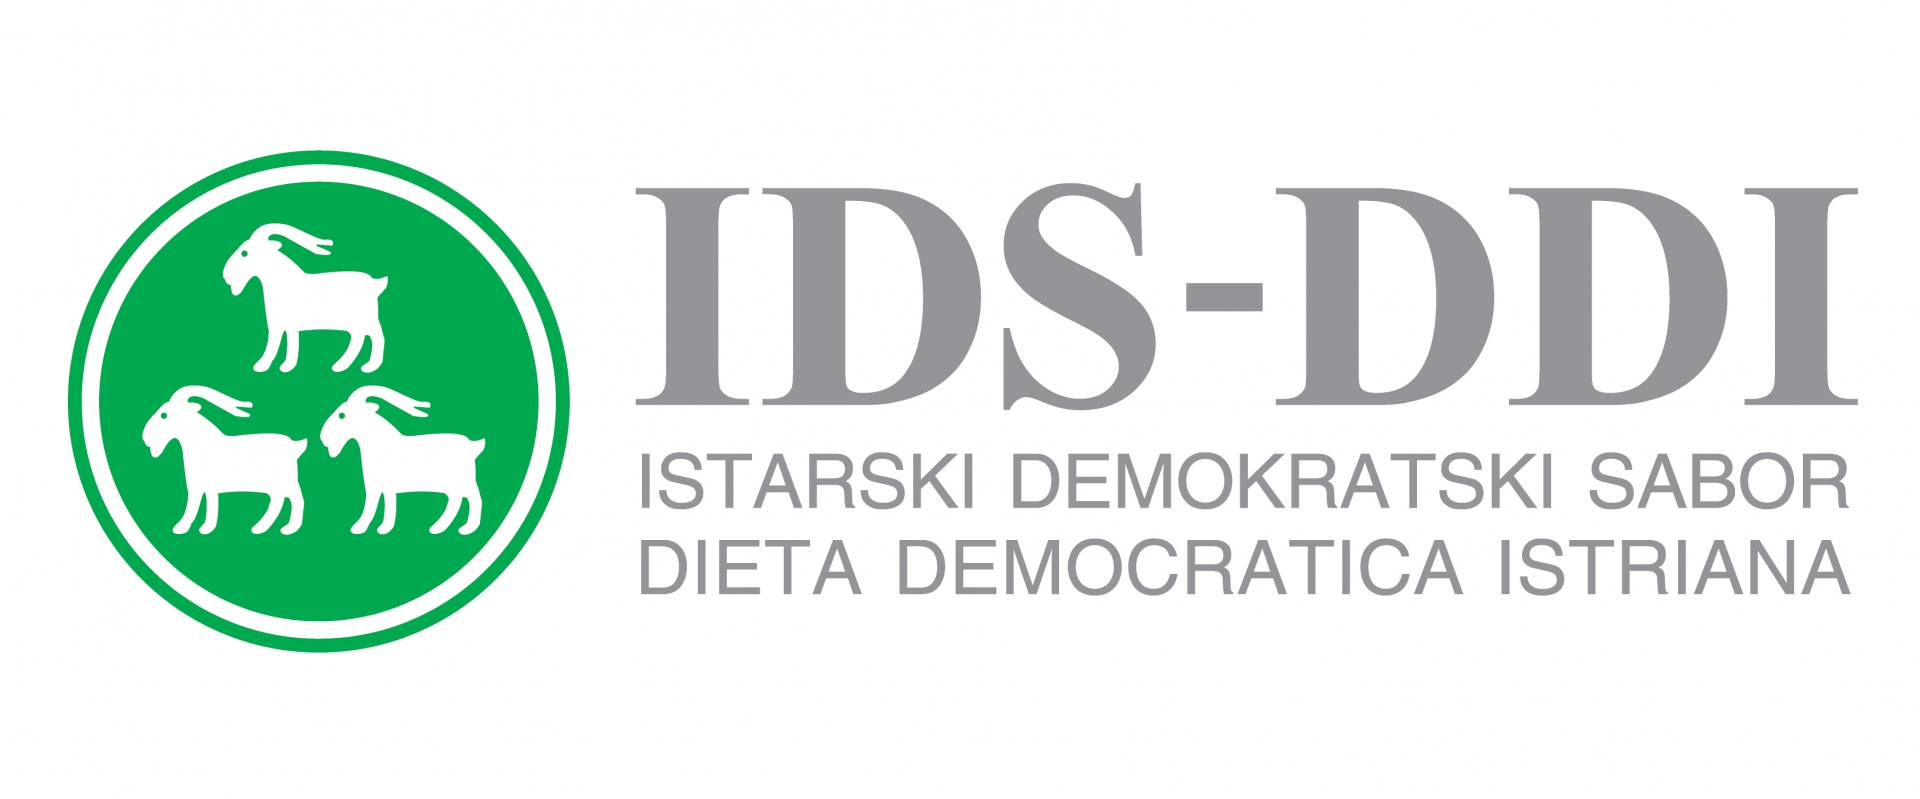 """EDI GOBO: """"Istri promptna autonomija unutar Hrvatske"""""""